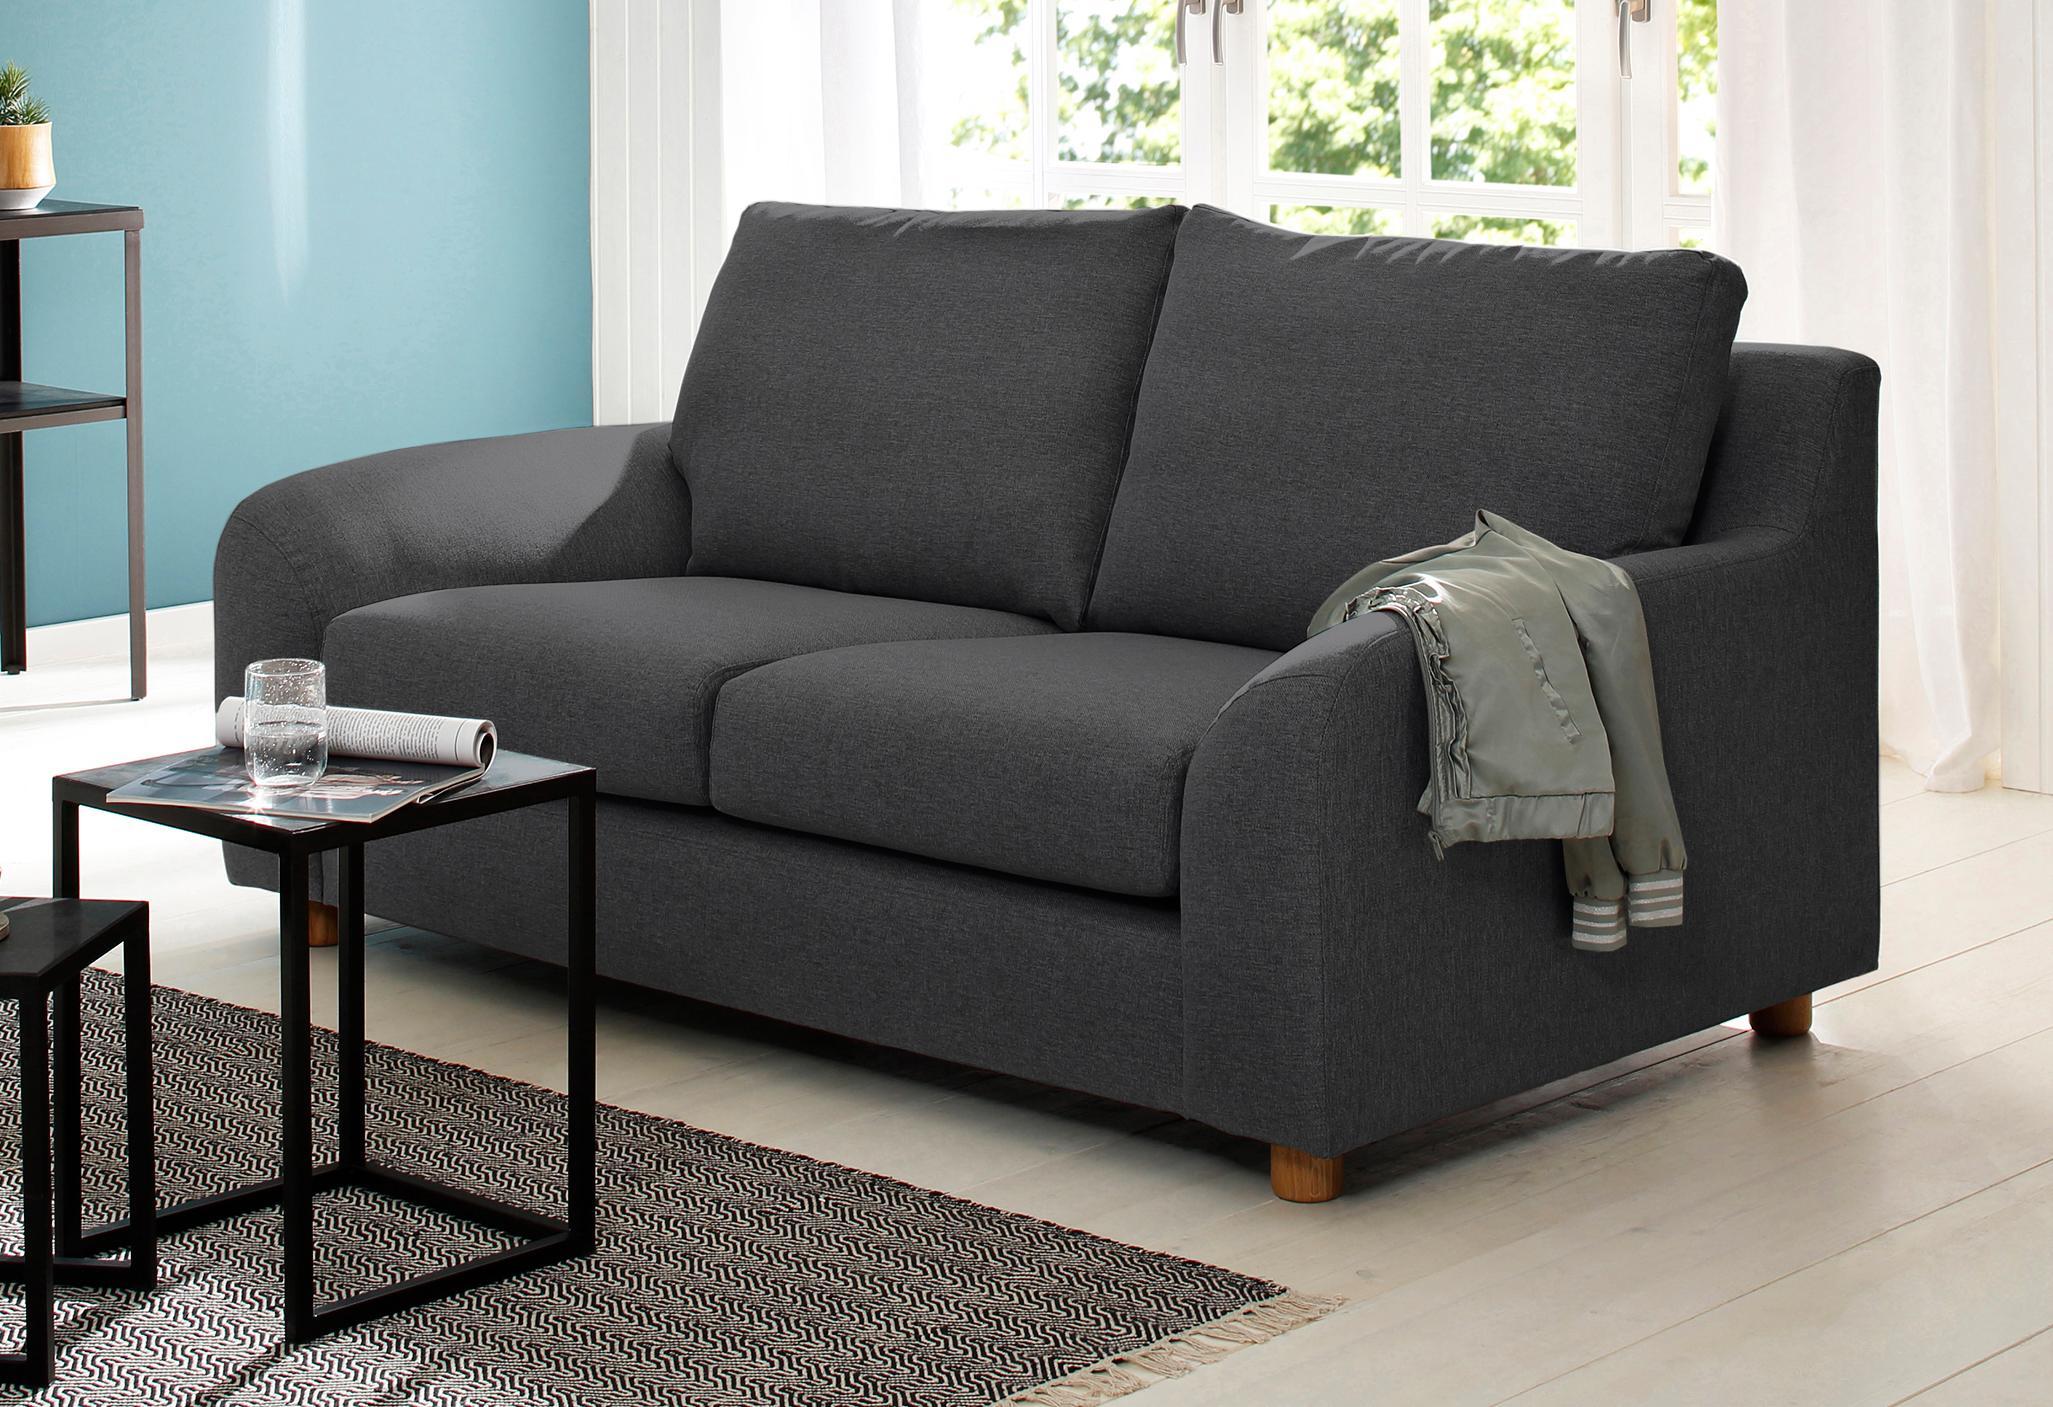 Home affaire 2-Sitzer »Kolding« im nordischen Stil, mit losen Kissen und Holzbeinen